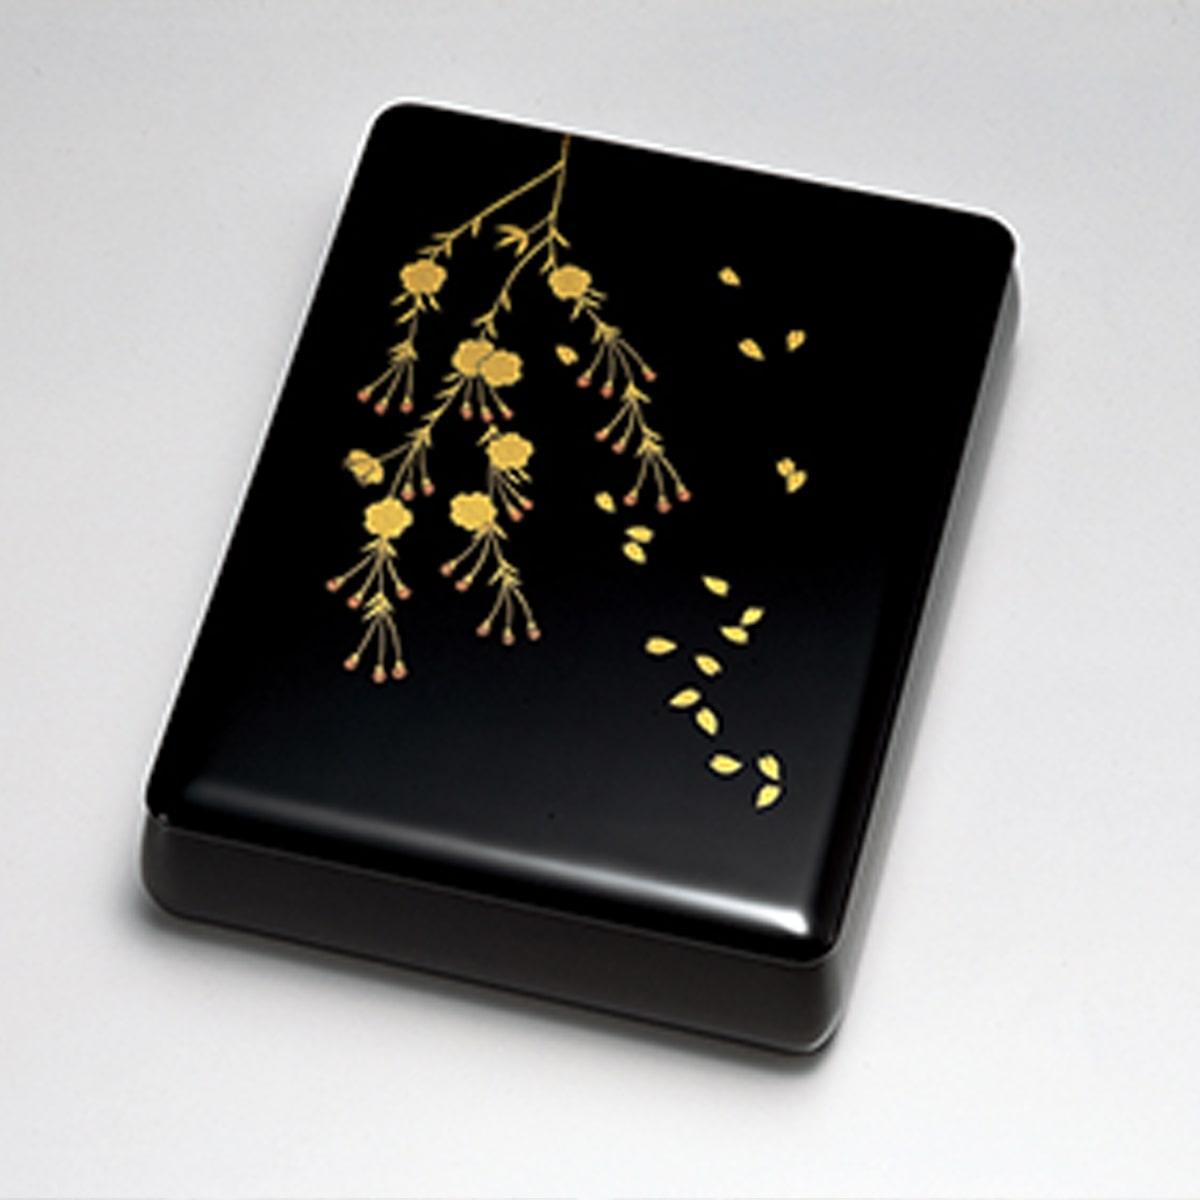 送料無料 しだれ桜花 文筥 文庫 手箱 日本製 来客 艶 上品 器 漆器 高級 おすすめ 木 木製 箱 ボックス 就職祝い 昇進祝い 合格祝い ギフト プレゼント 越前塗